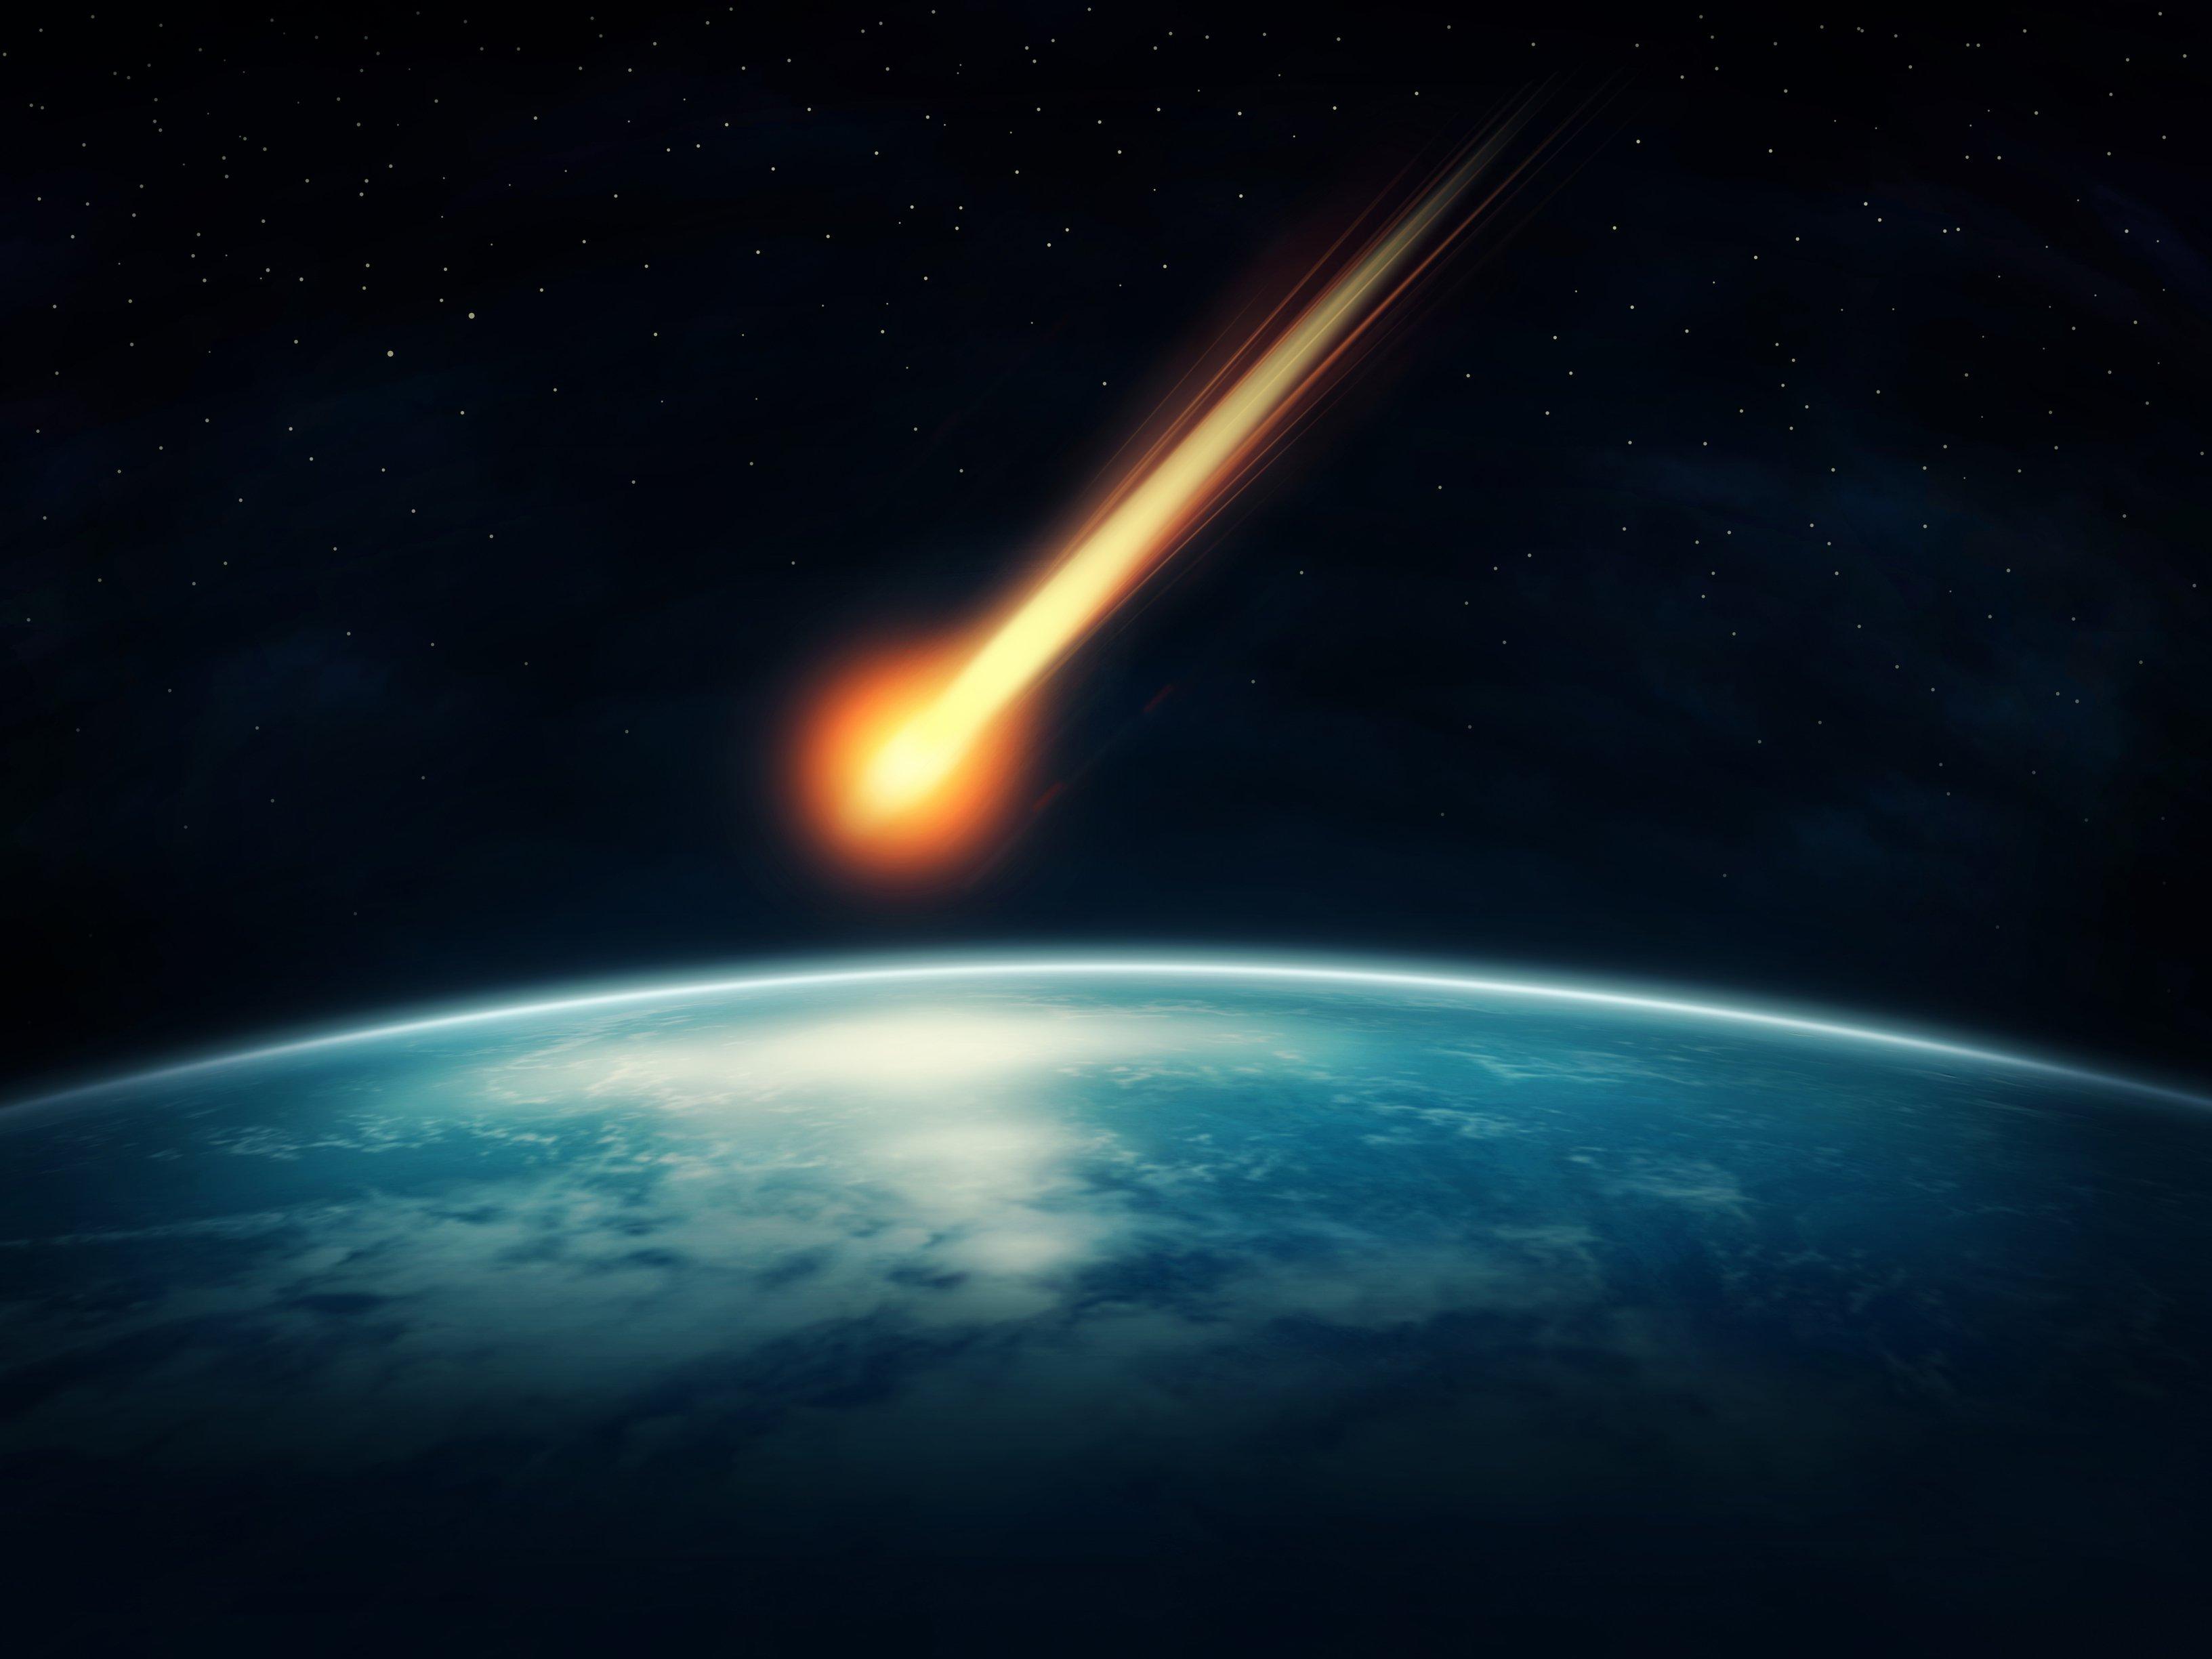 NASA jep lajmin e frikshëm: Nuk është film, përplasja pritet të jetë e fortë